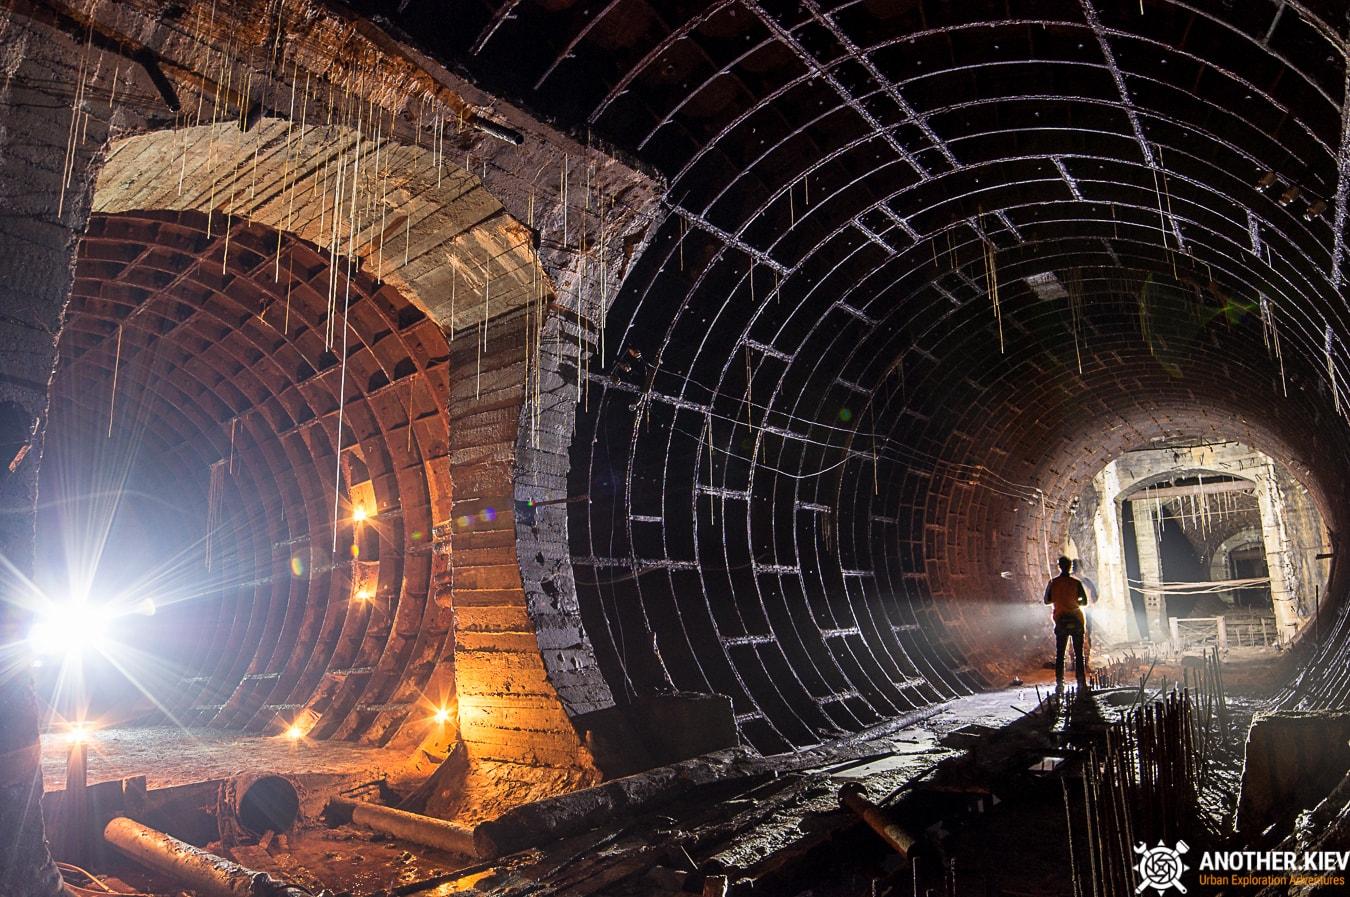 unfinished-abandoned-diesel-power-station-bunker-6876-min Недостроенная и заброшенная дизельная электростанция в киевском метро